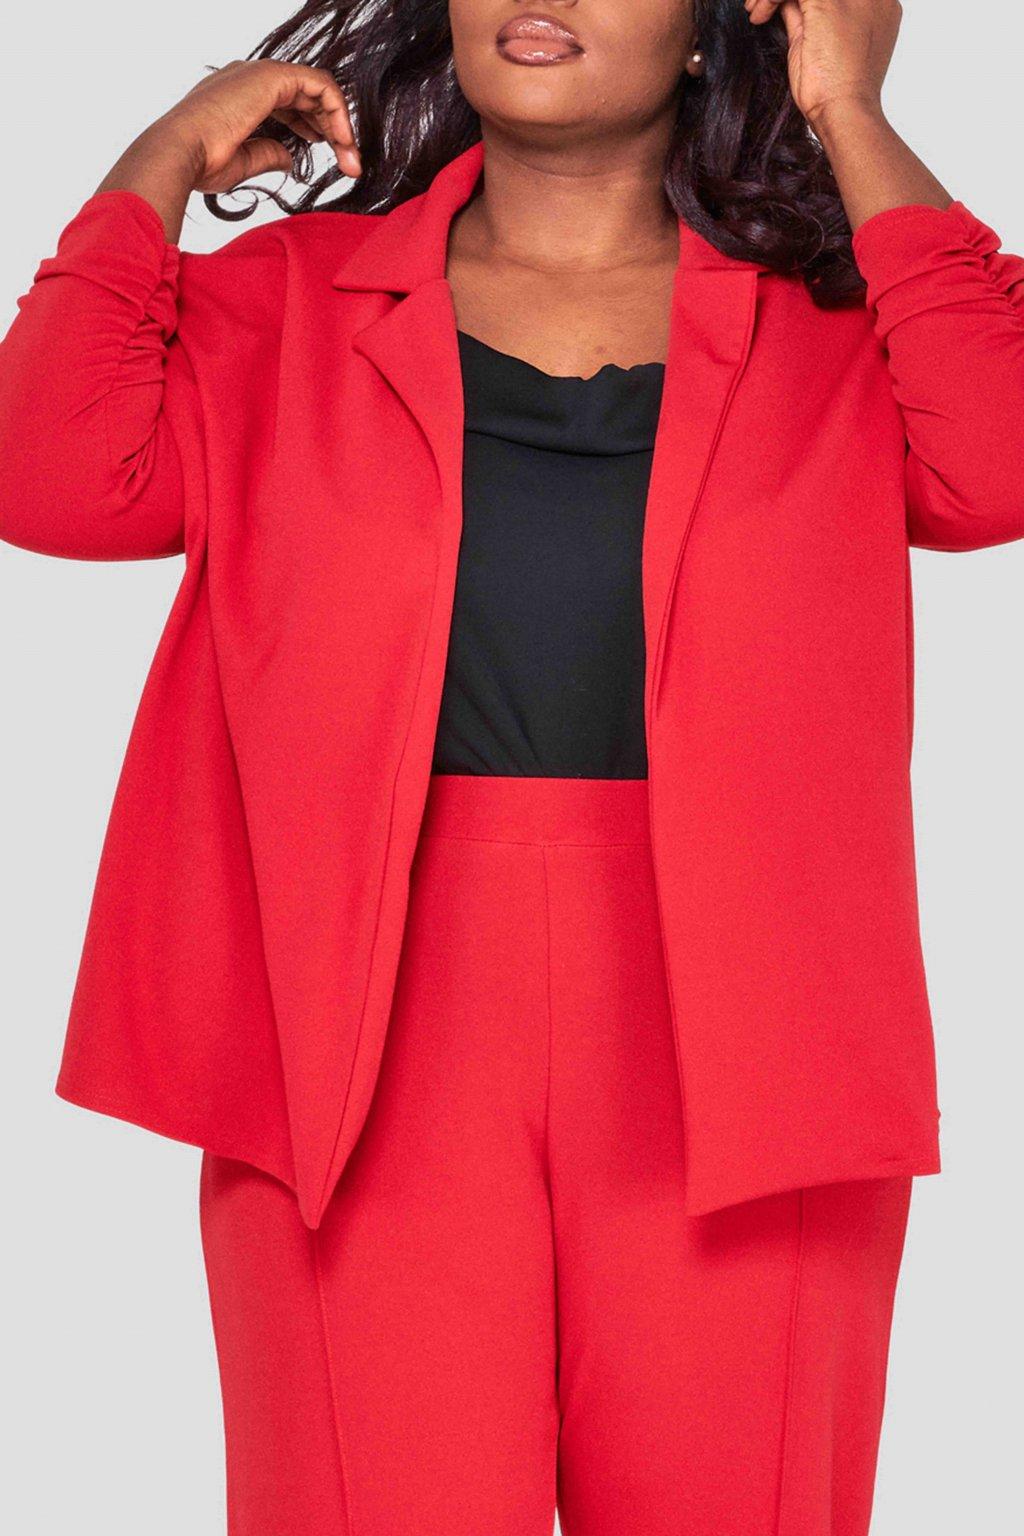 Elegantní sako Ratby červené 1